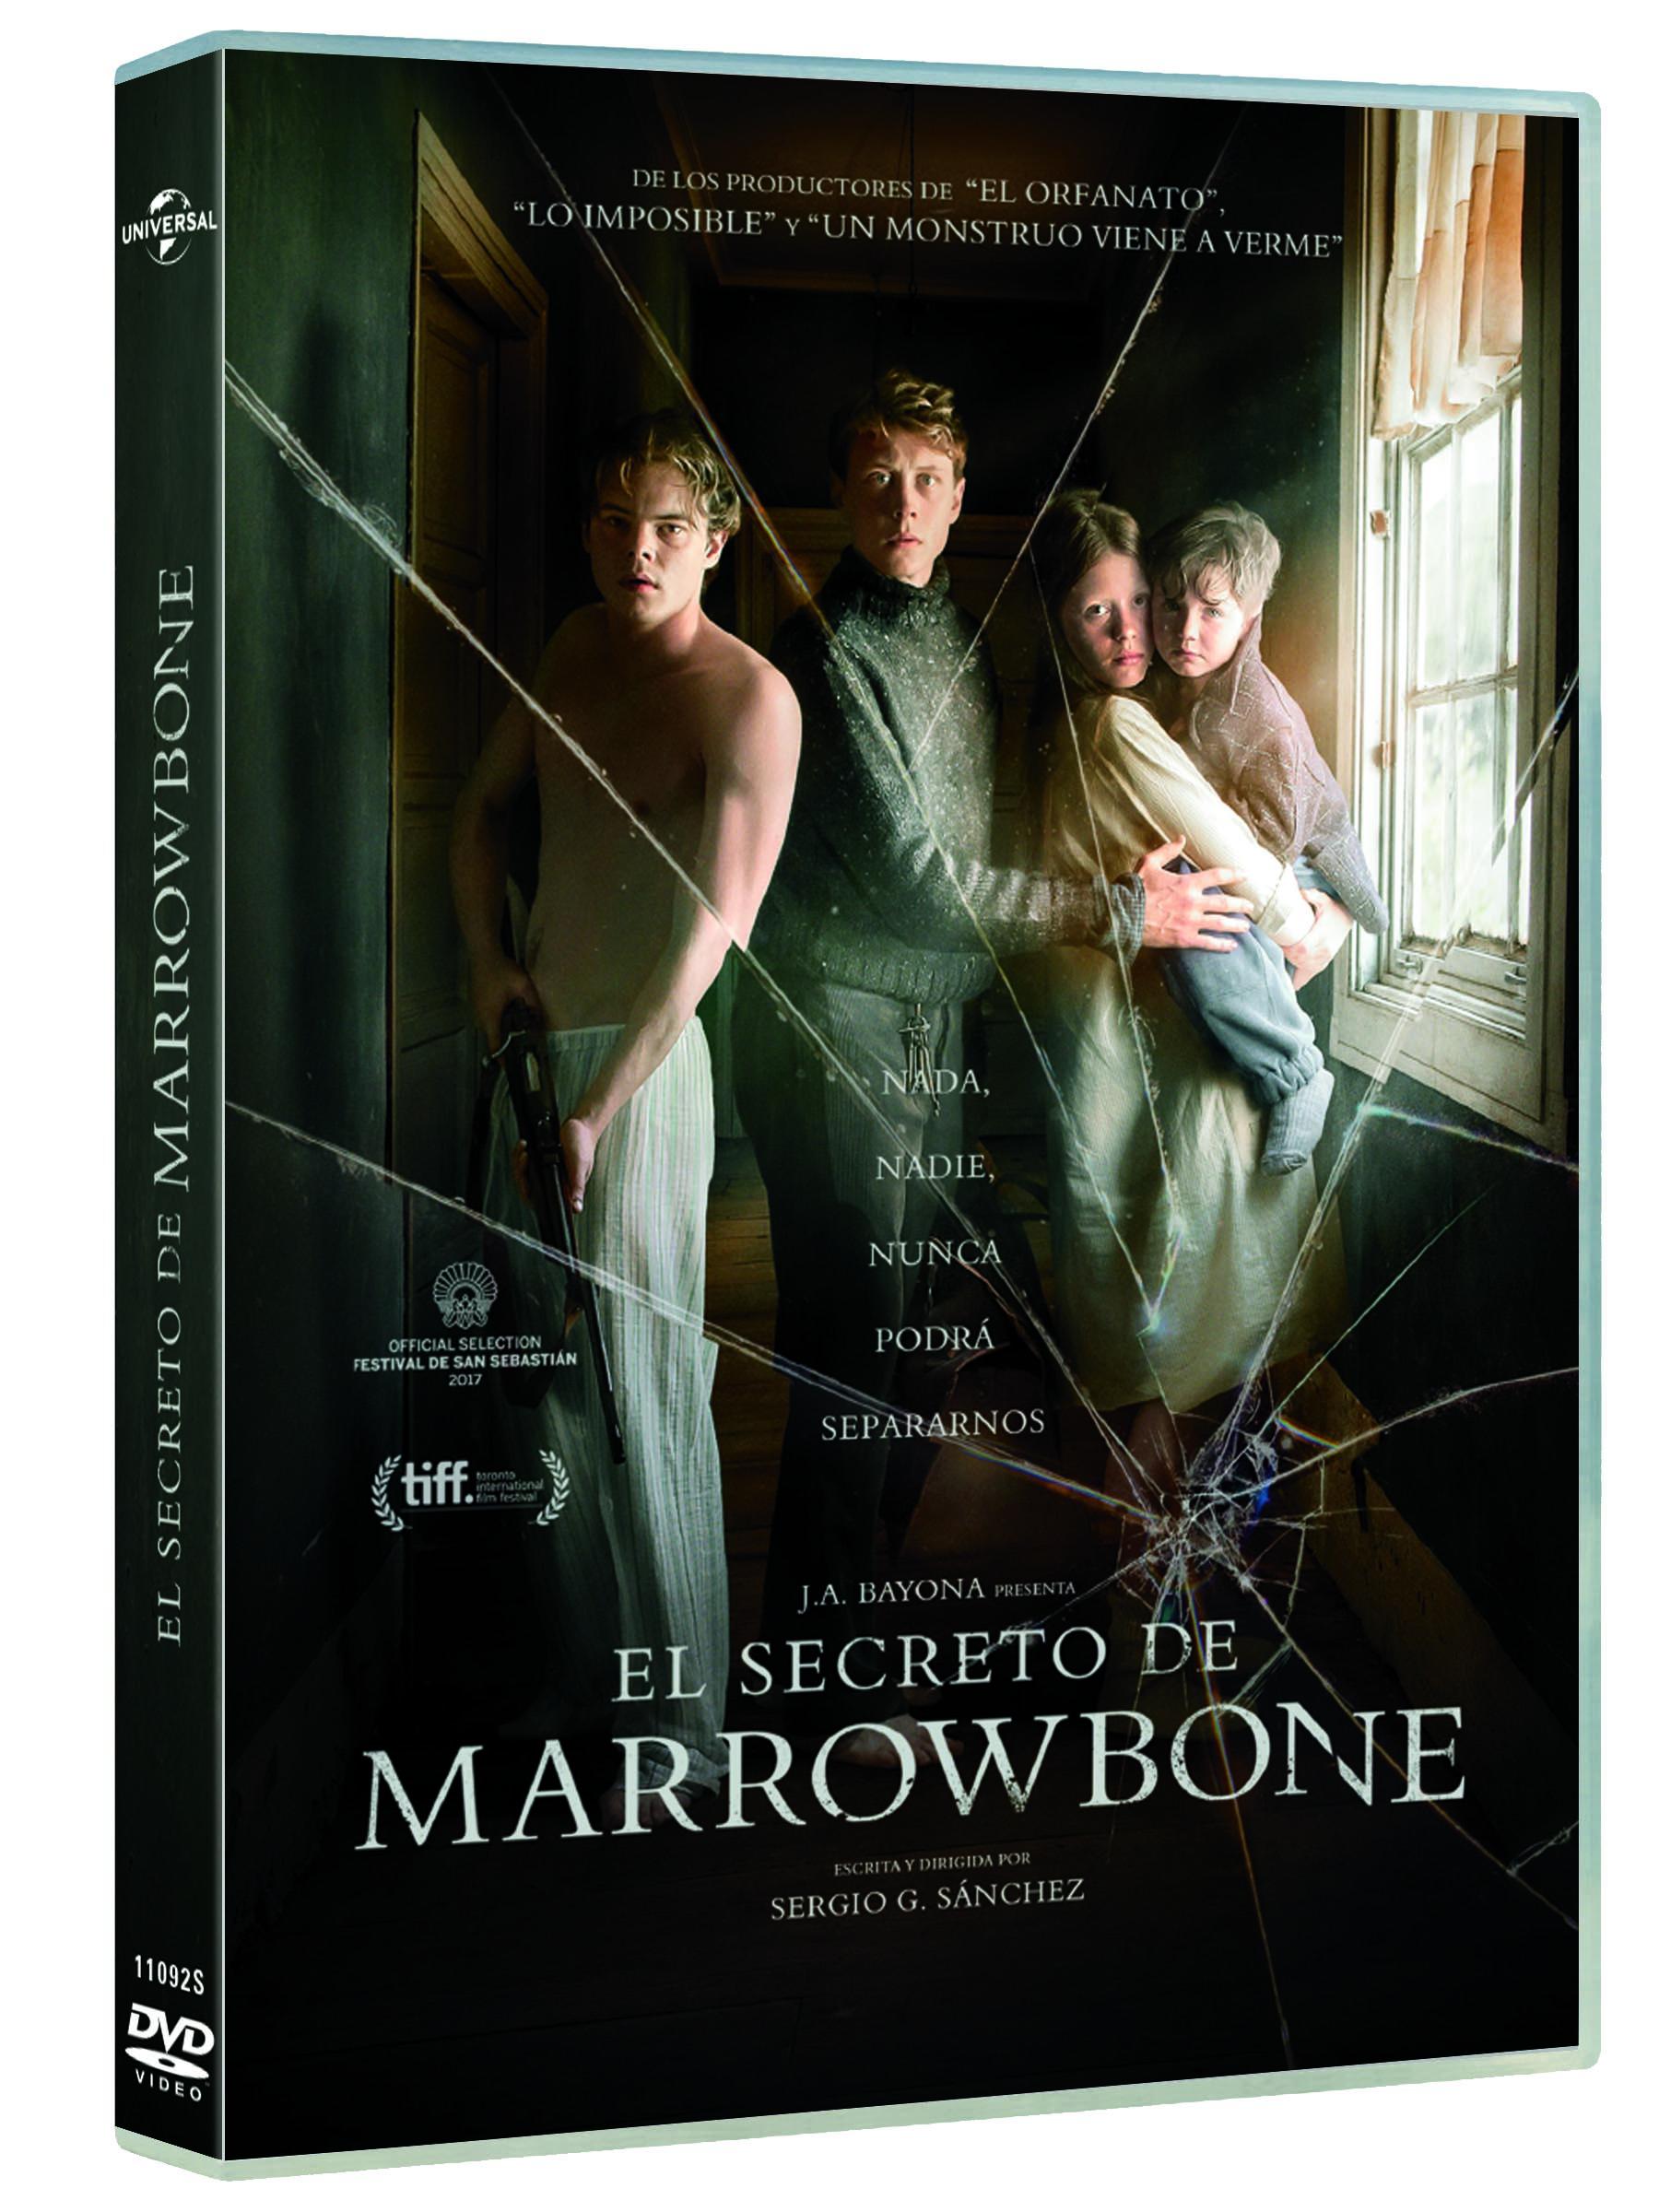 'El secreto de Marrowbone' en Blu-ray y Dvd el 21 de febrero